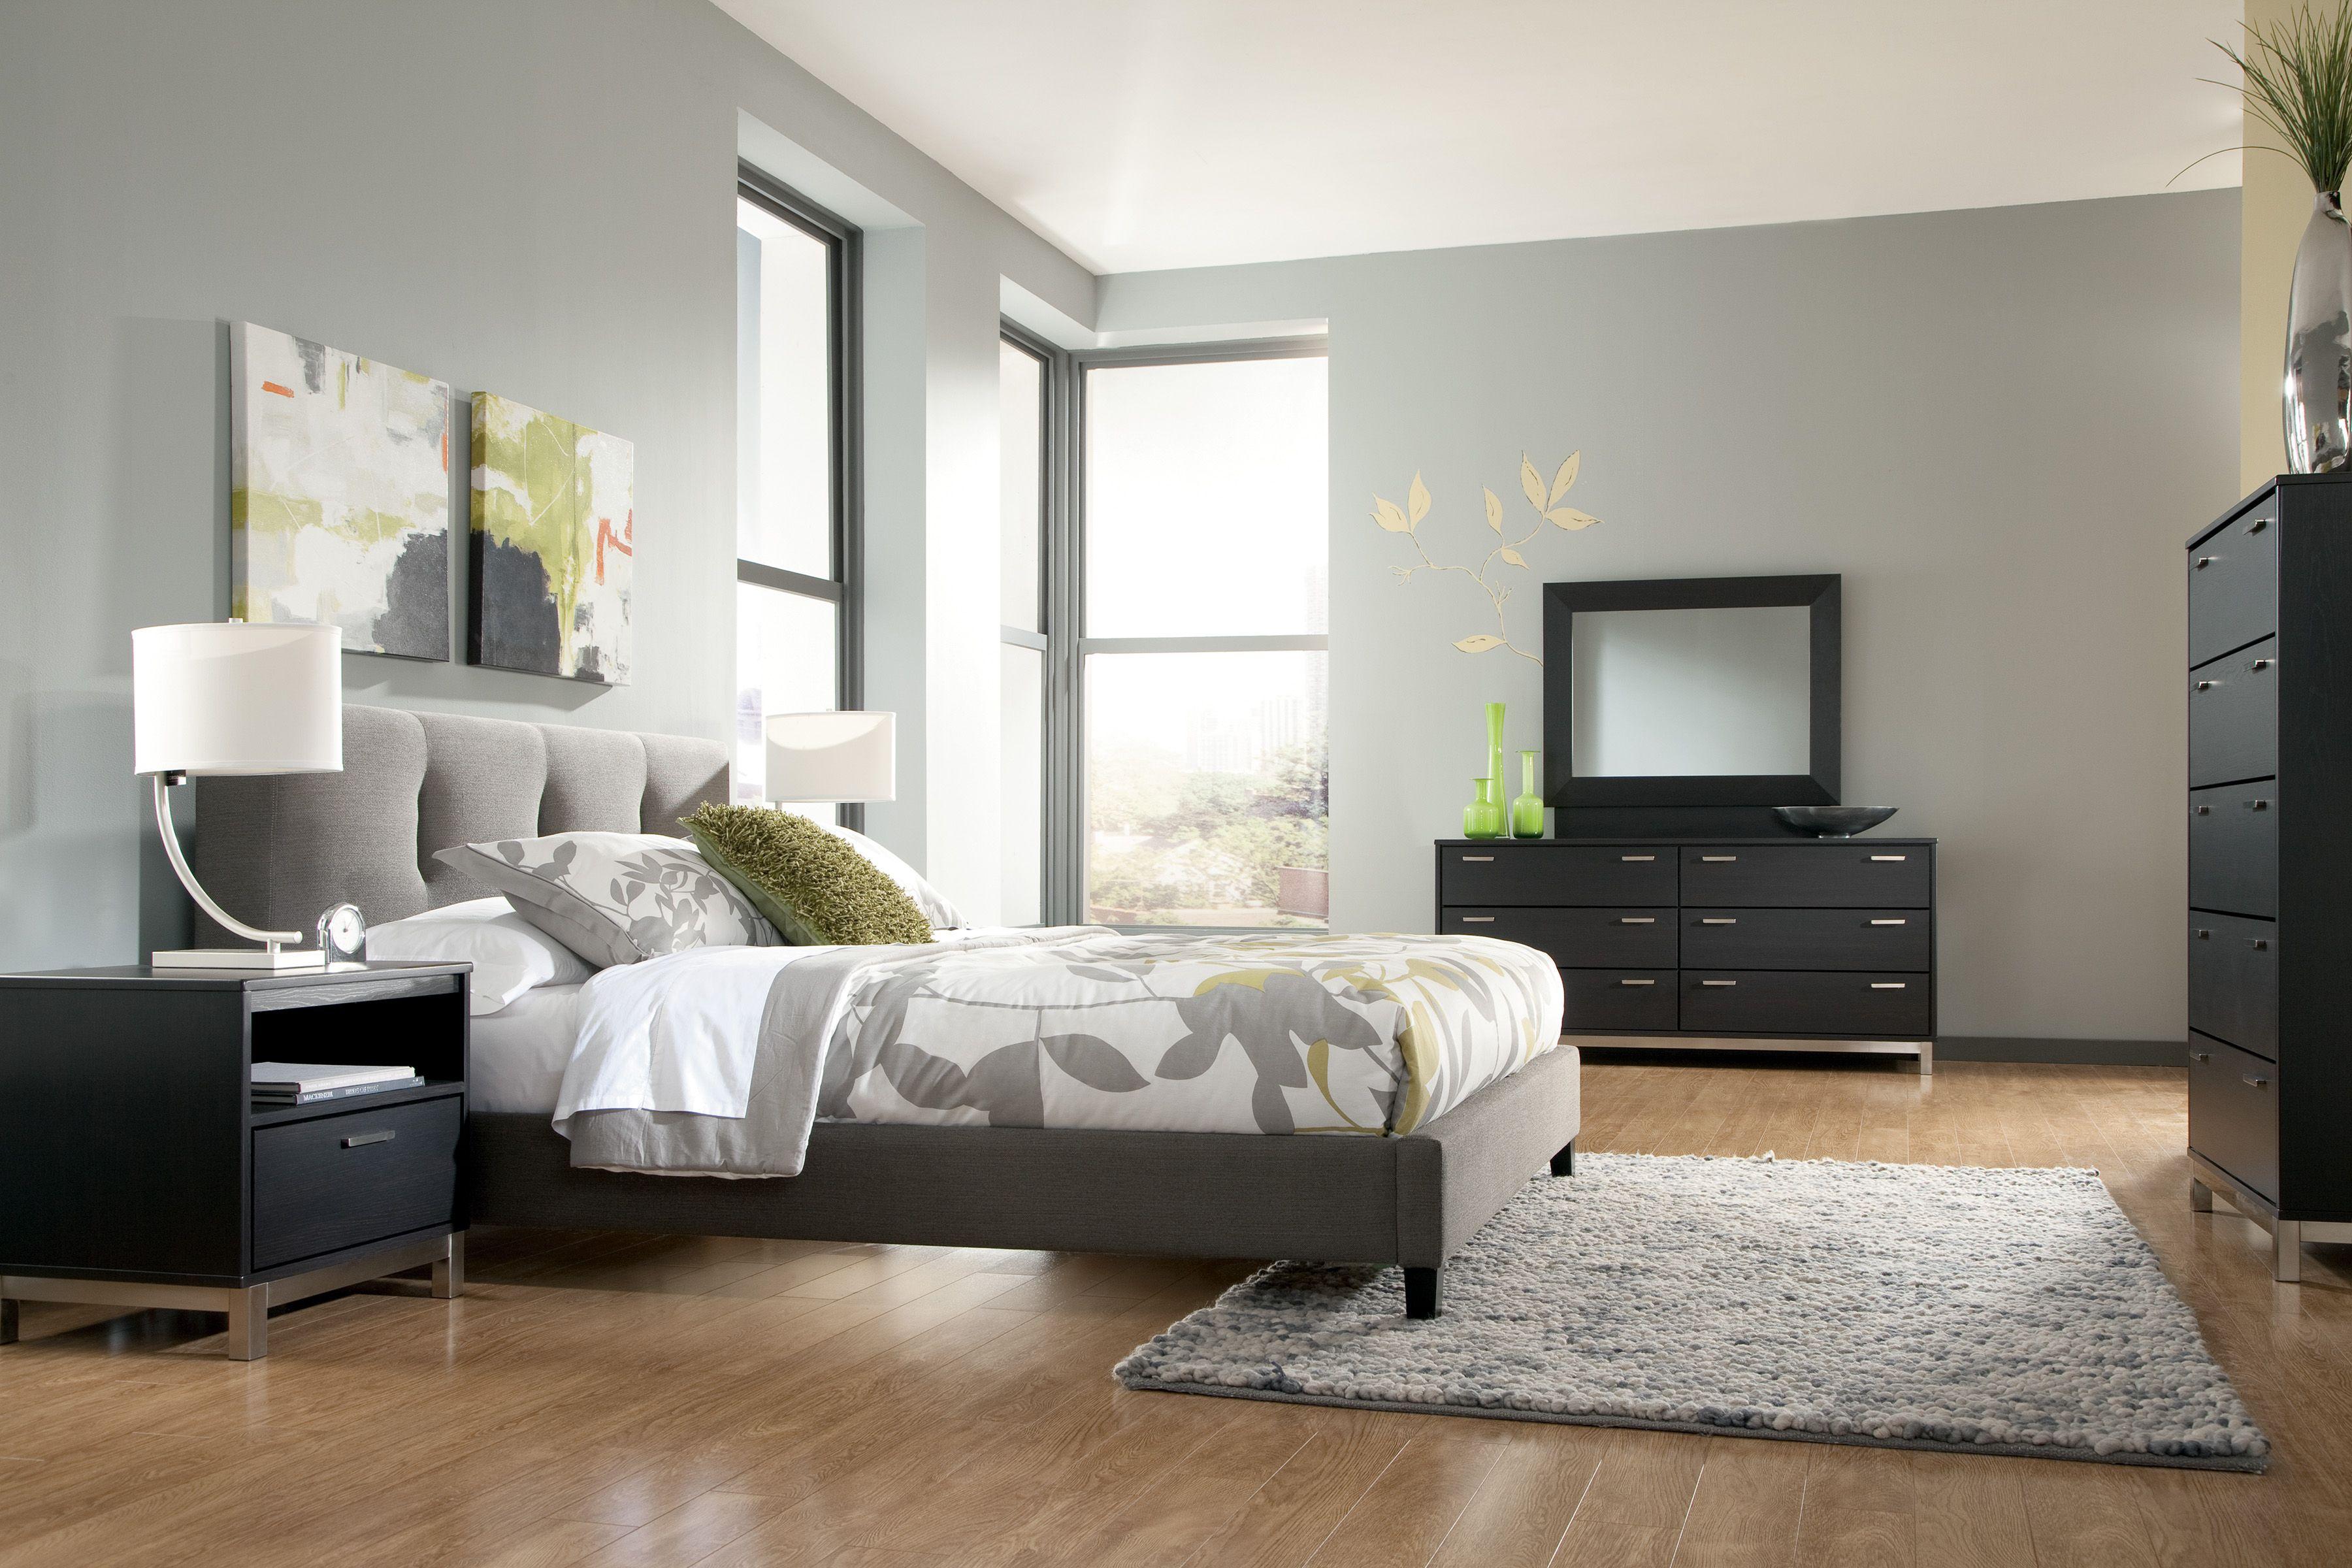 Masterton 4Piece Upholstered Bedroom Set in Espresso